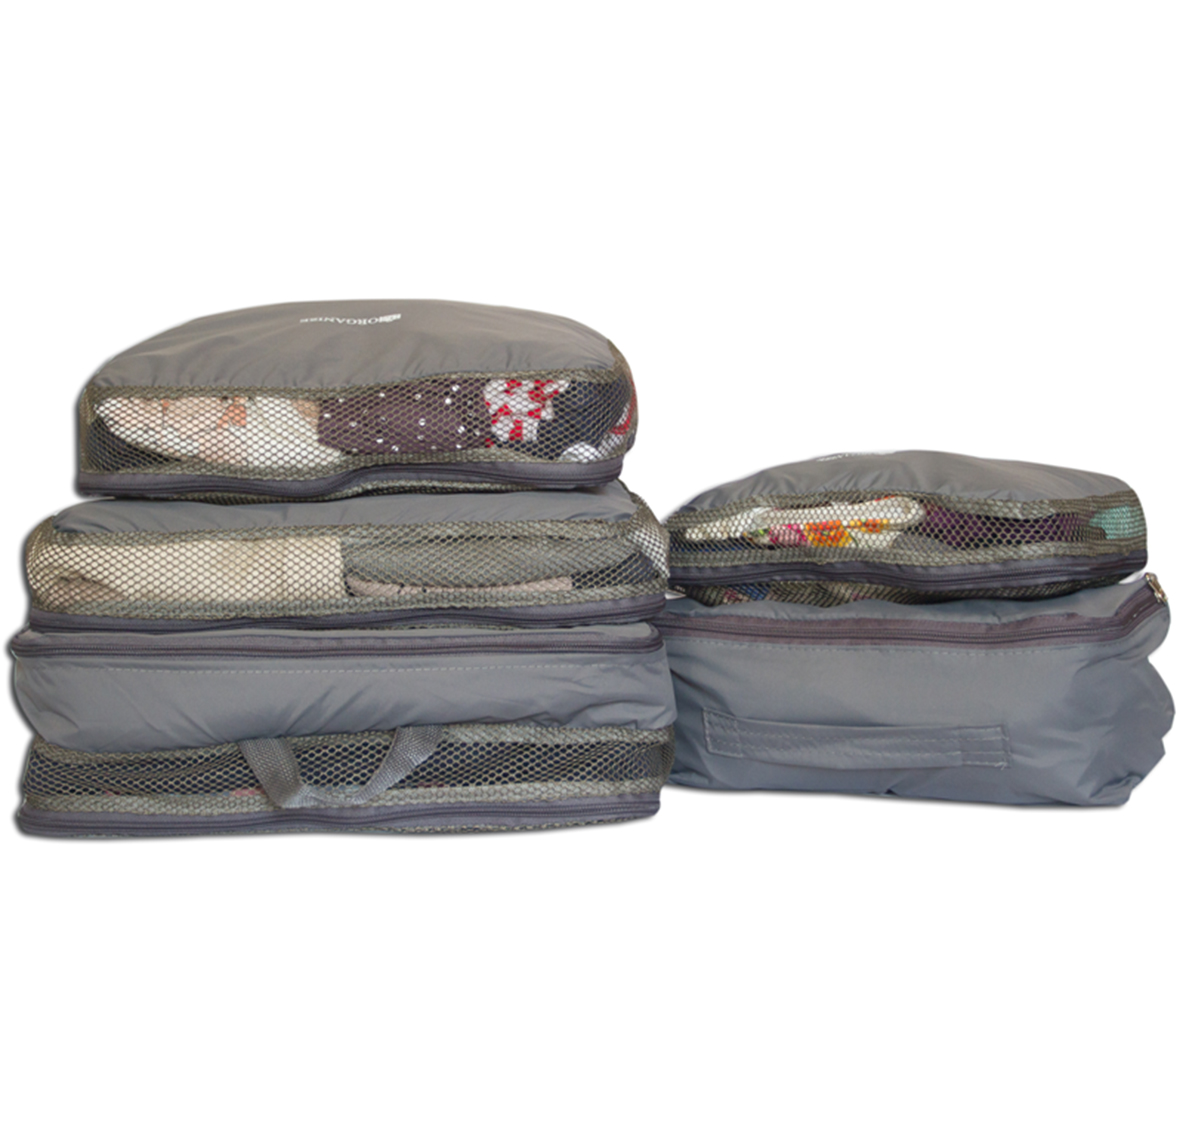 органайзер для одежды для путешествий